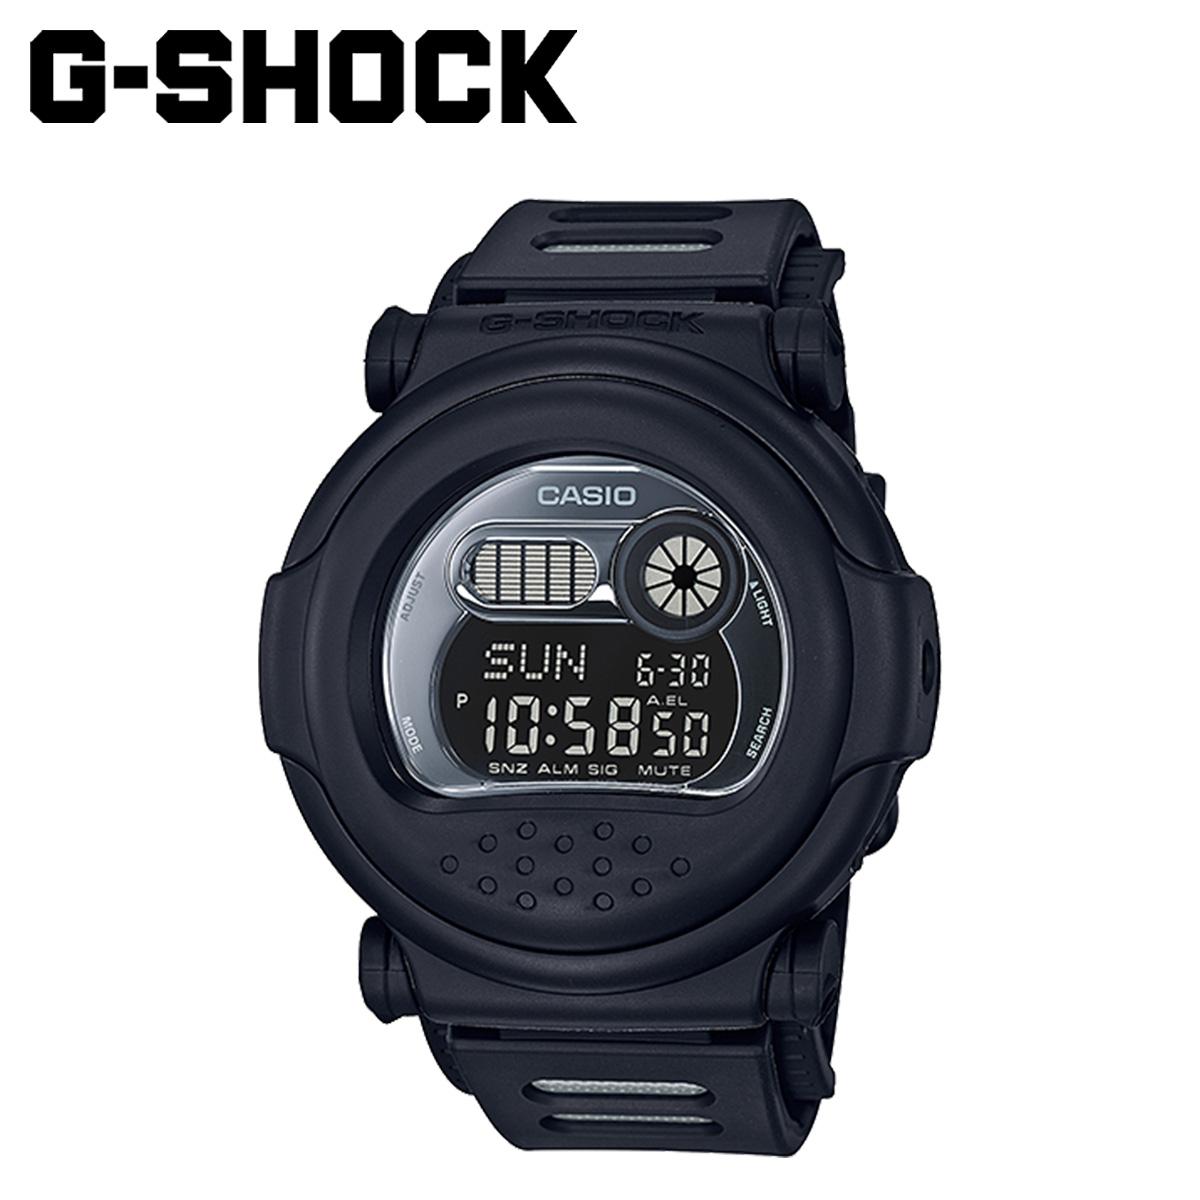 CASIO G-SHOCK カシオ 腕時計 G-001BB-1JF ブラック メンズ レディース